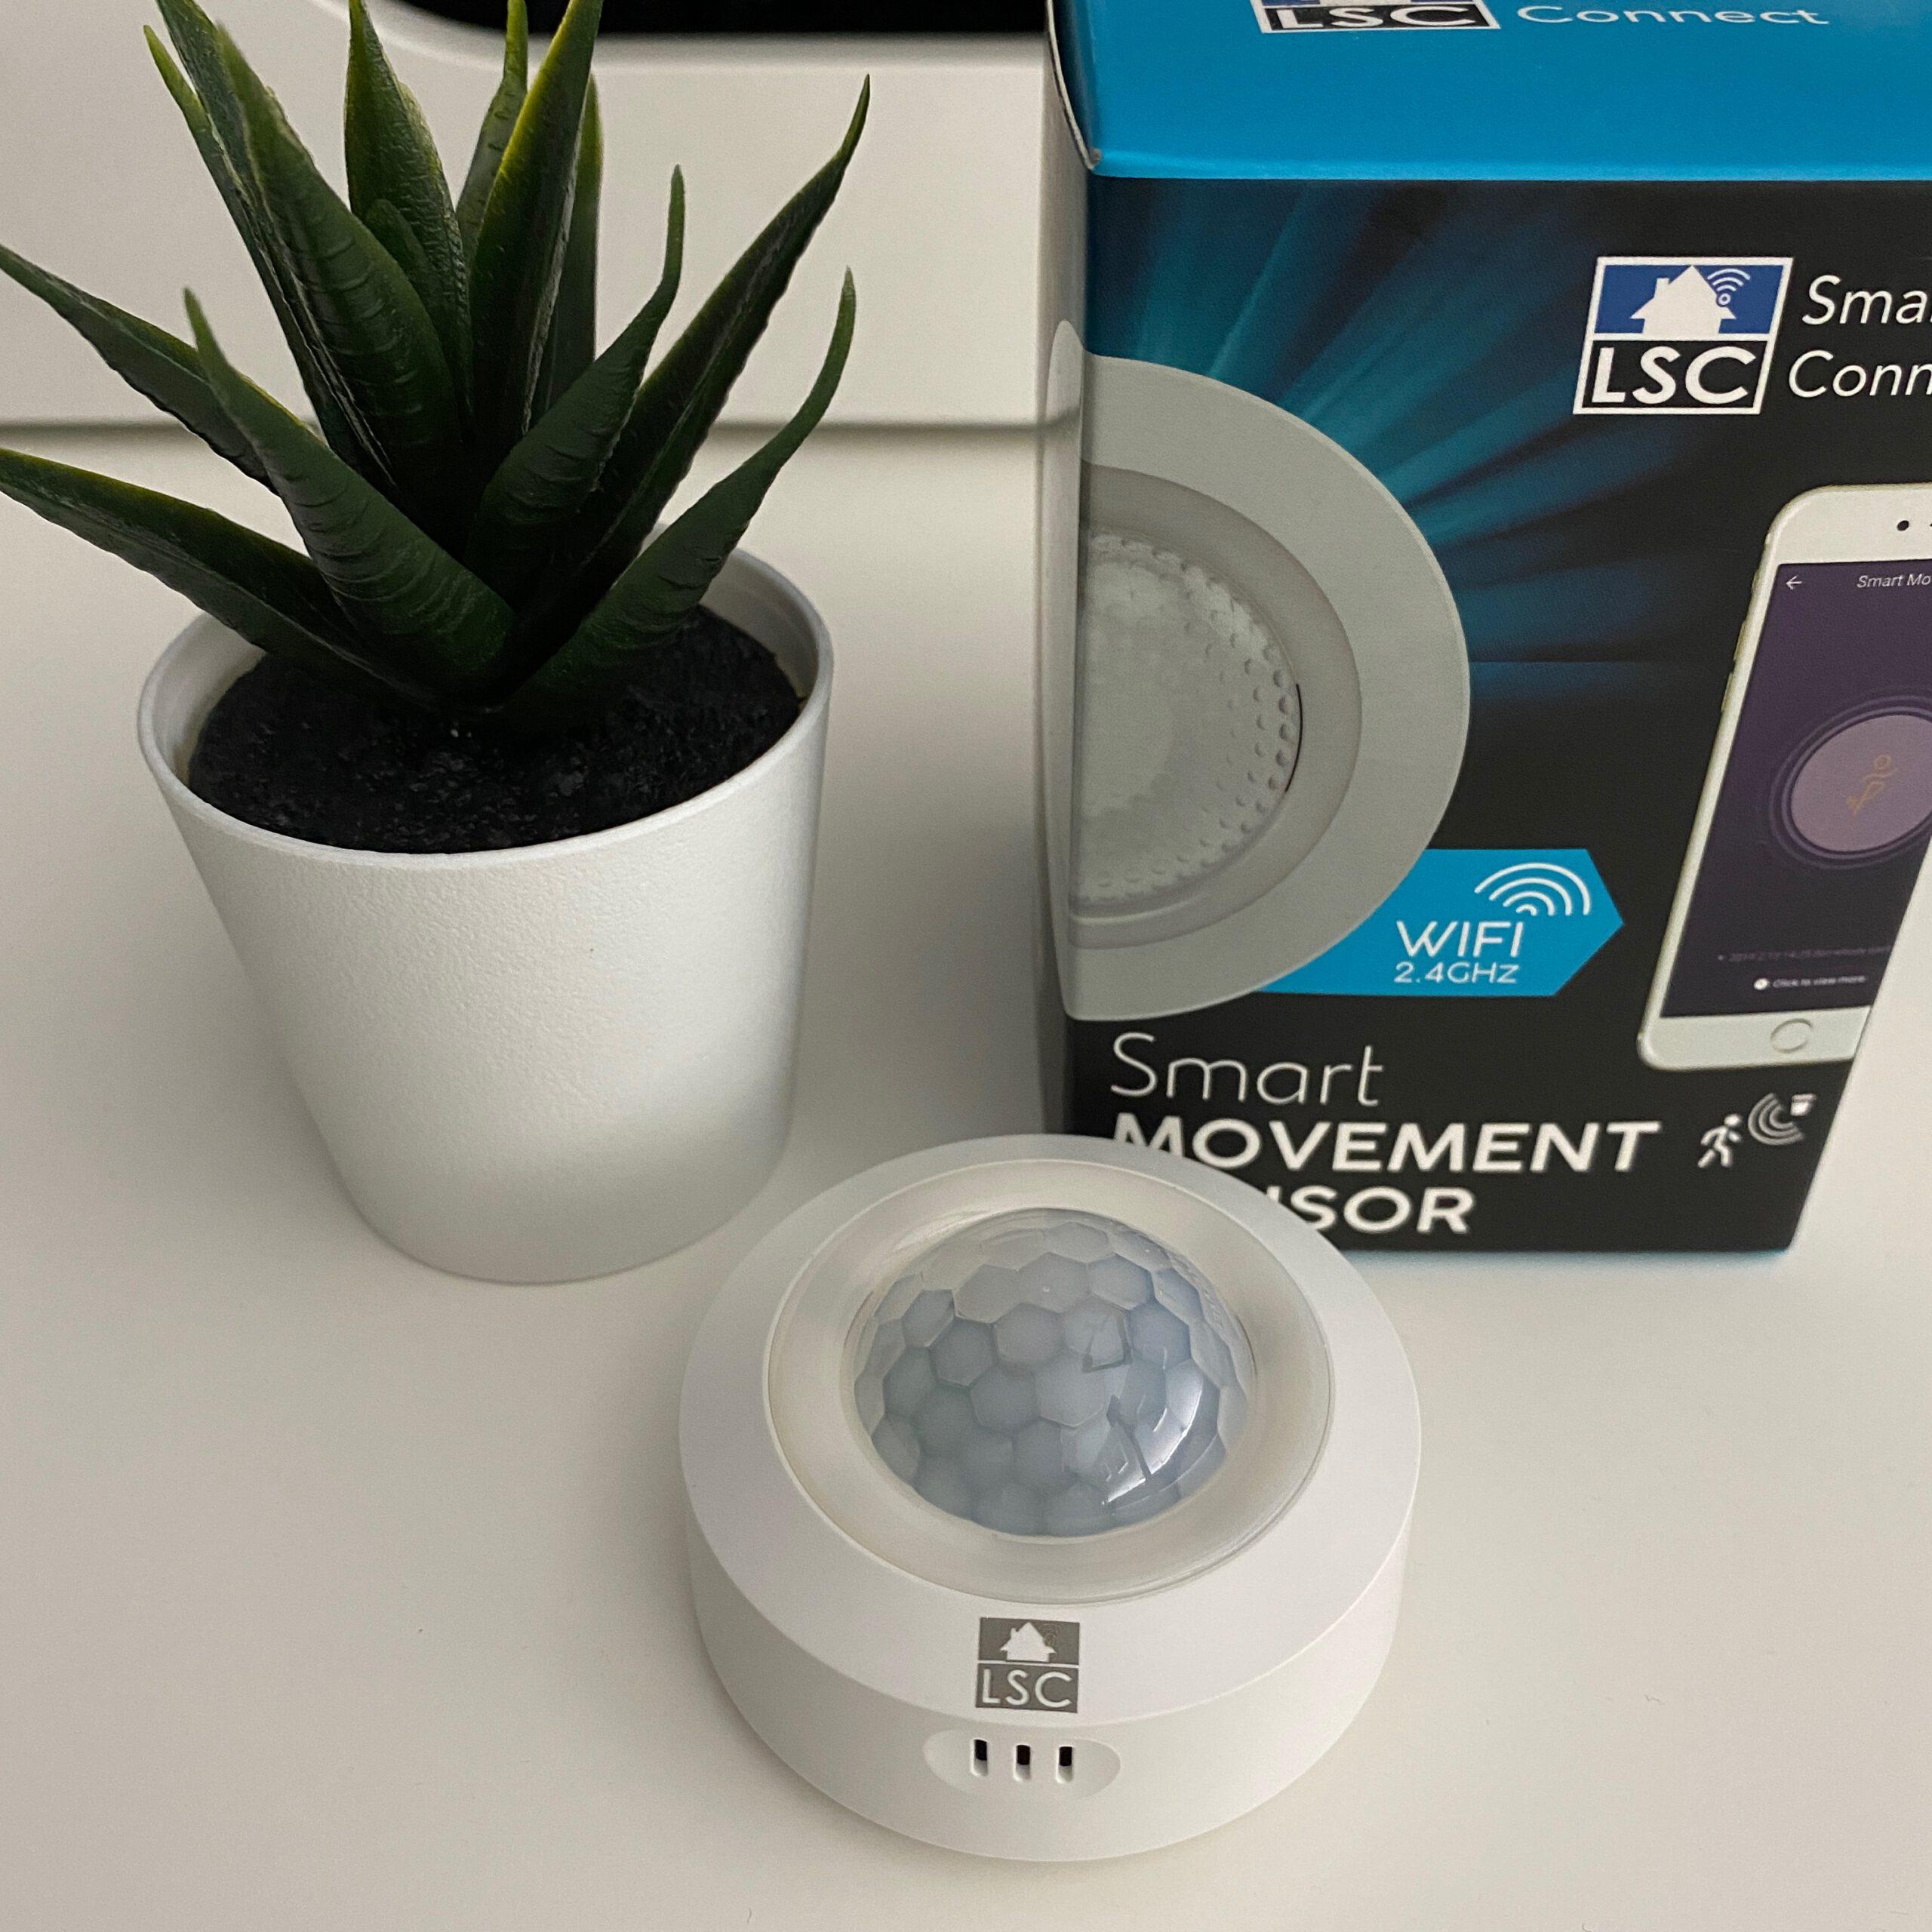 Design des LSC Motion Sensor der Kette Action